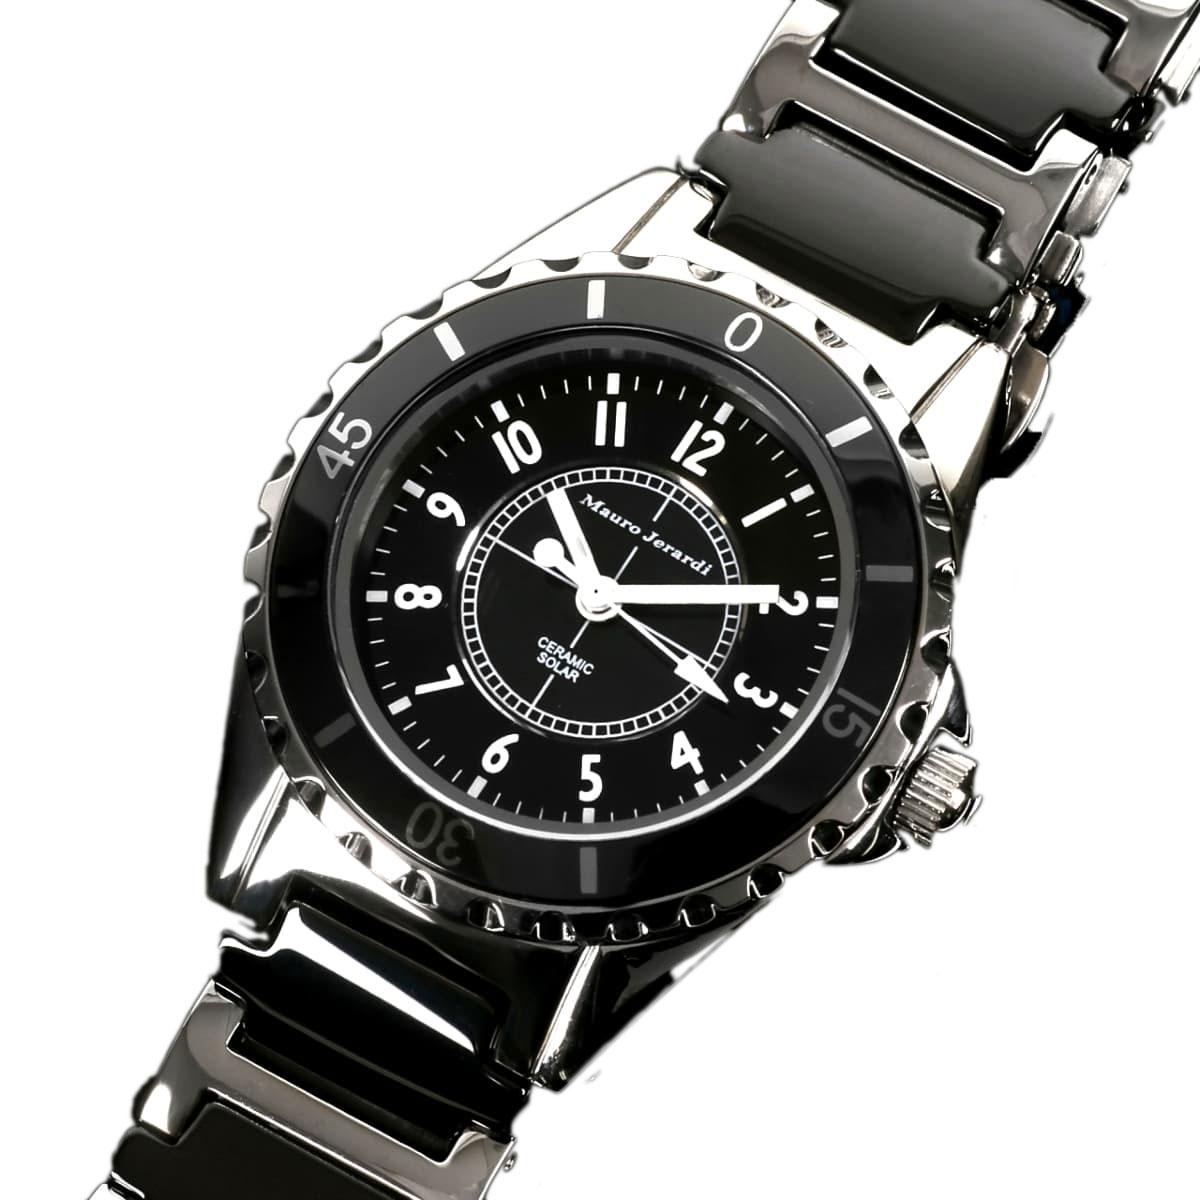 マウロジェラルディ 腕時計 レディース アクセサリー Mauro